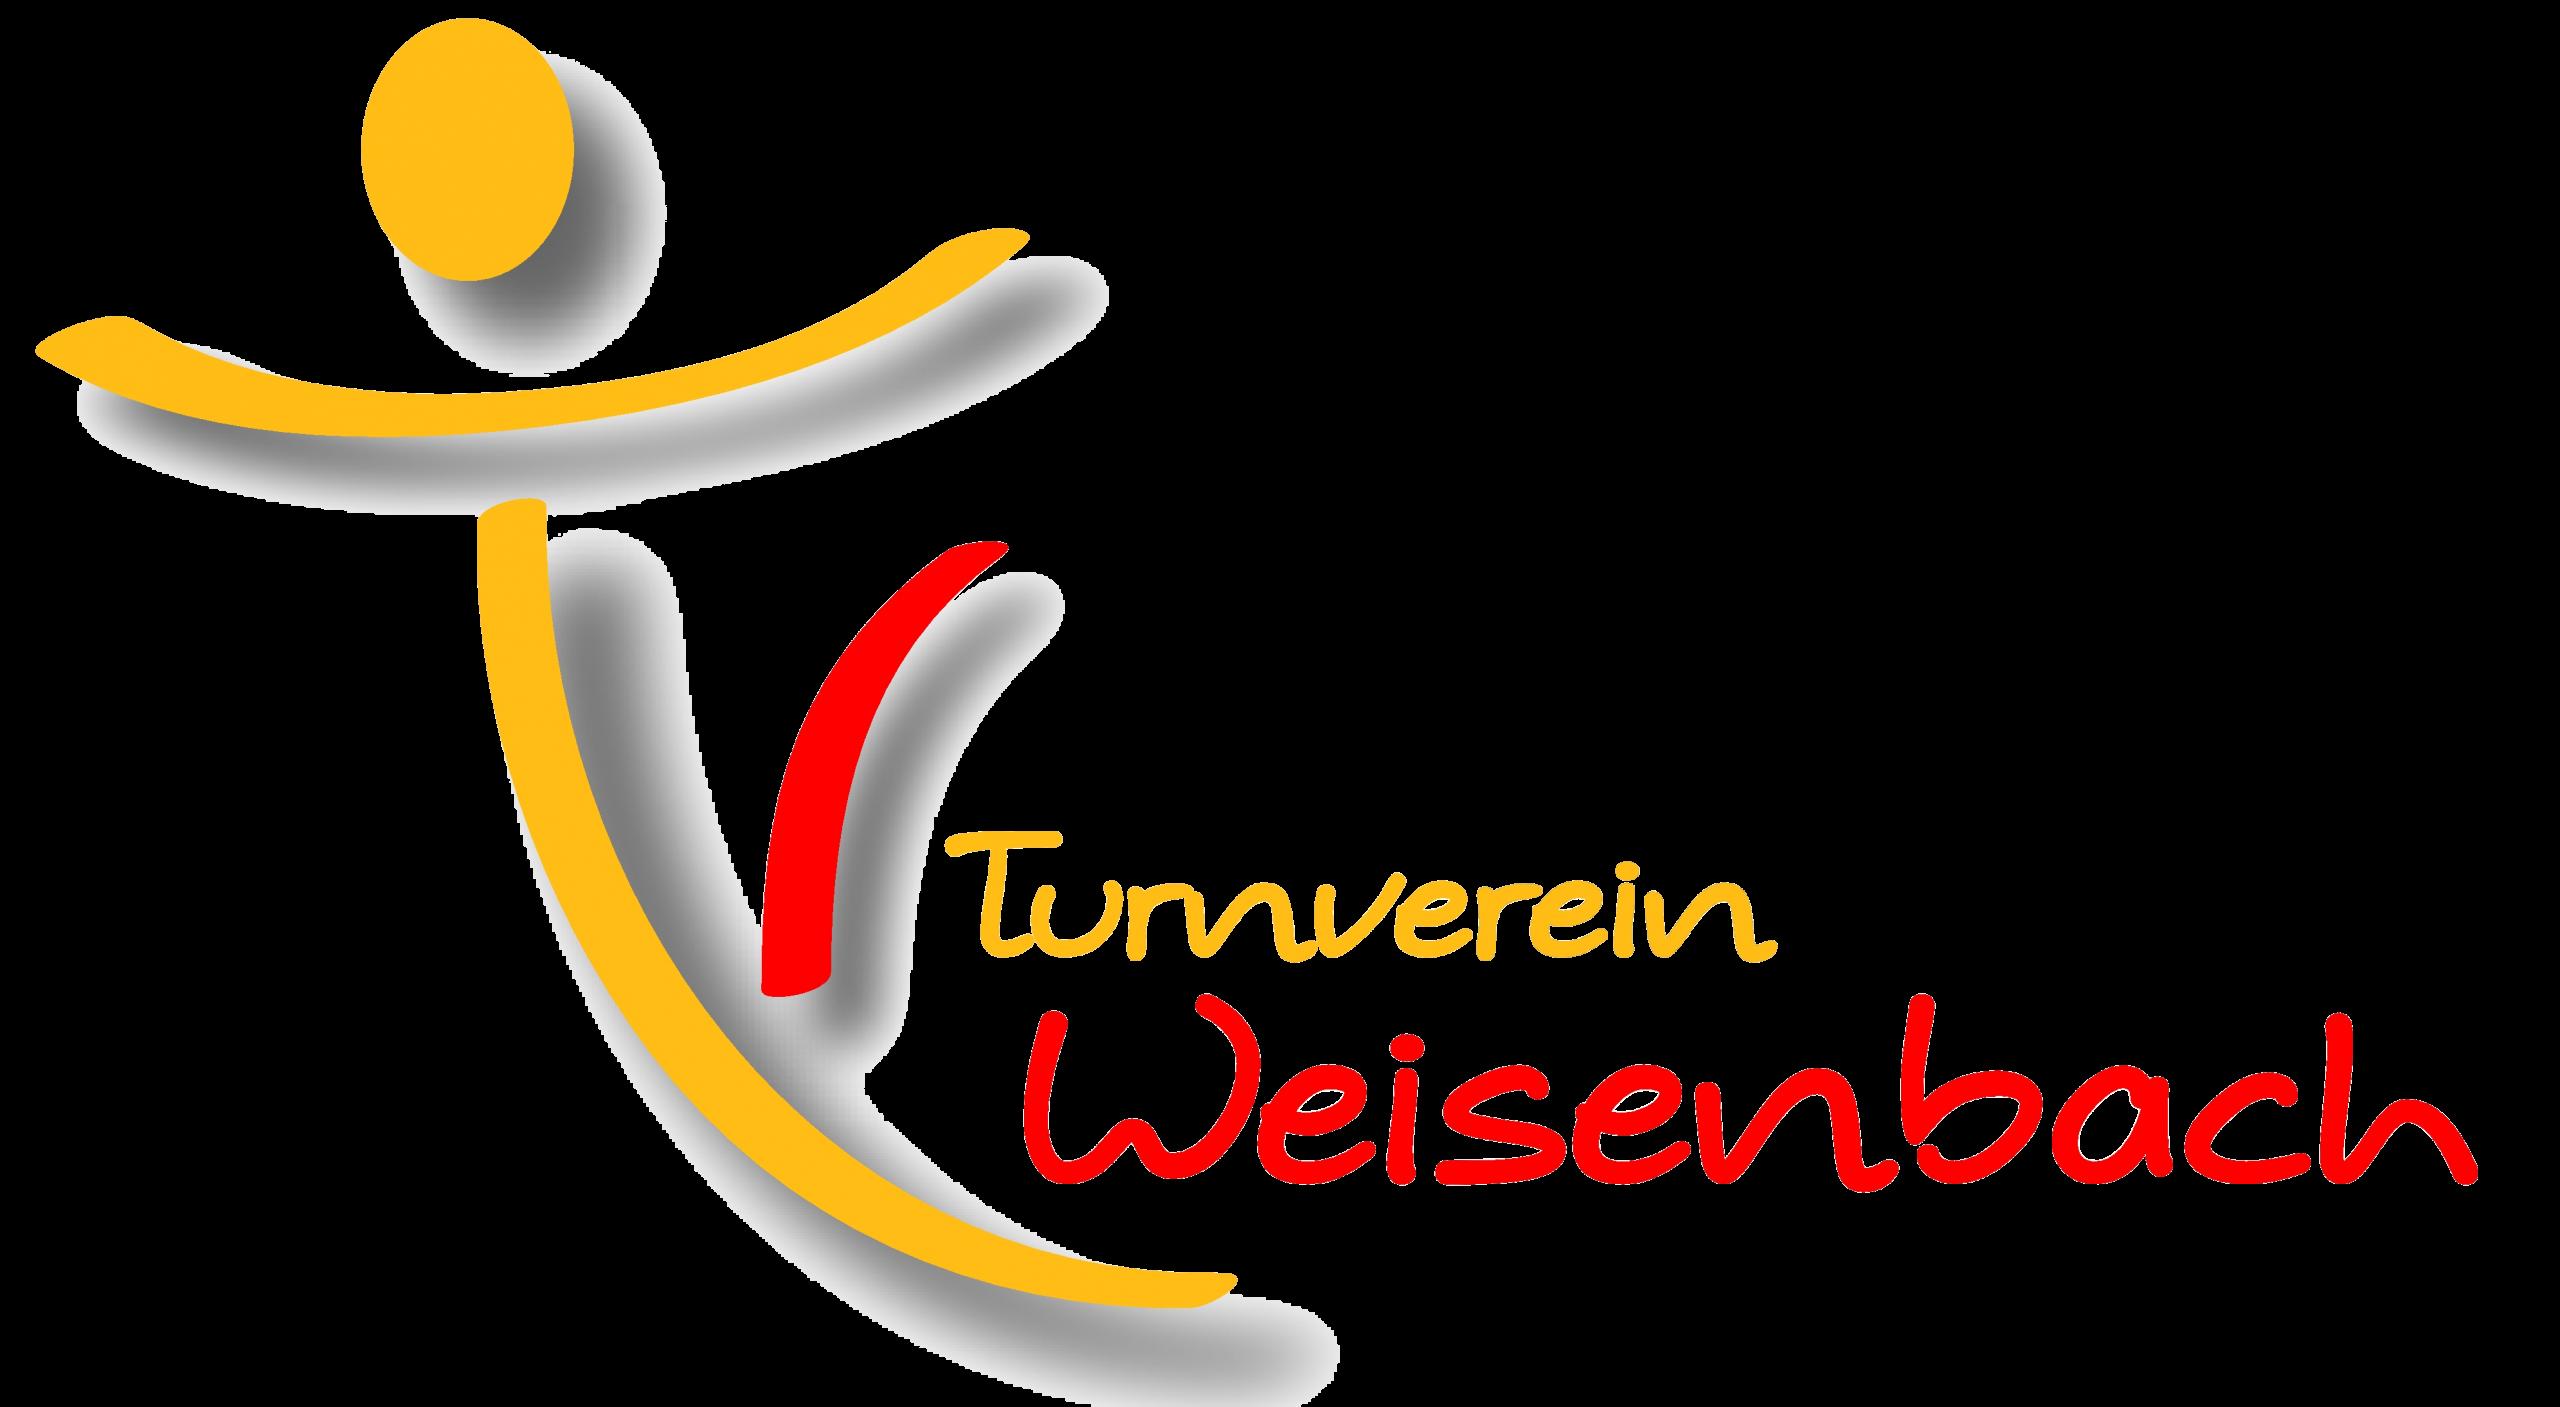 Willkommen beim Turnverein Weisenbach